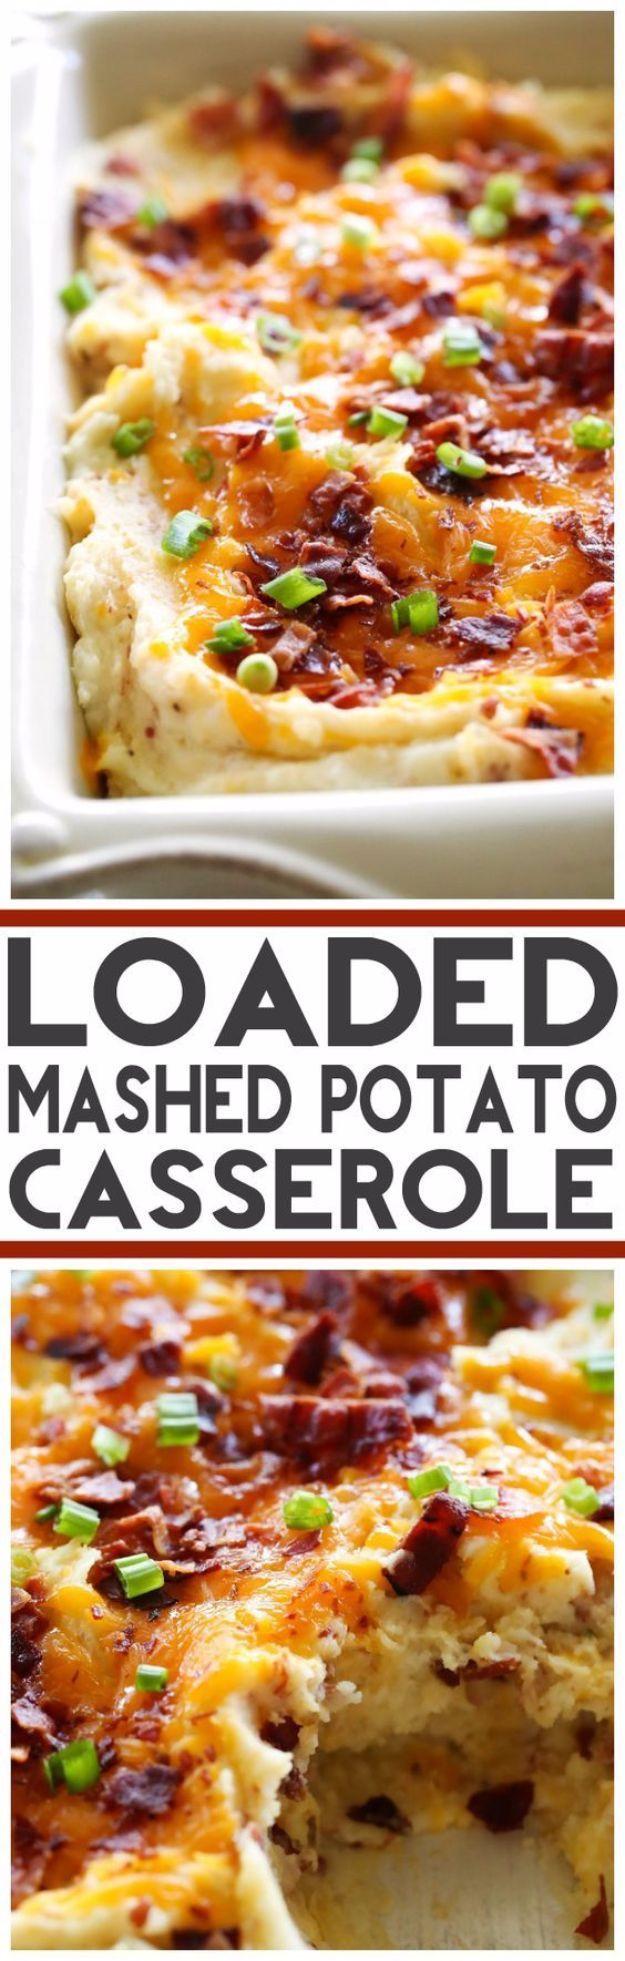 Easter Casseroles For Dinner  Best Easter Dinner Recipes Loaded Mashed Potato